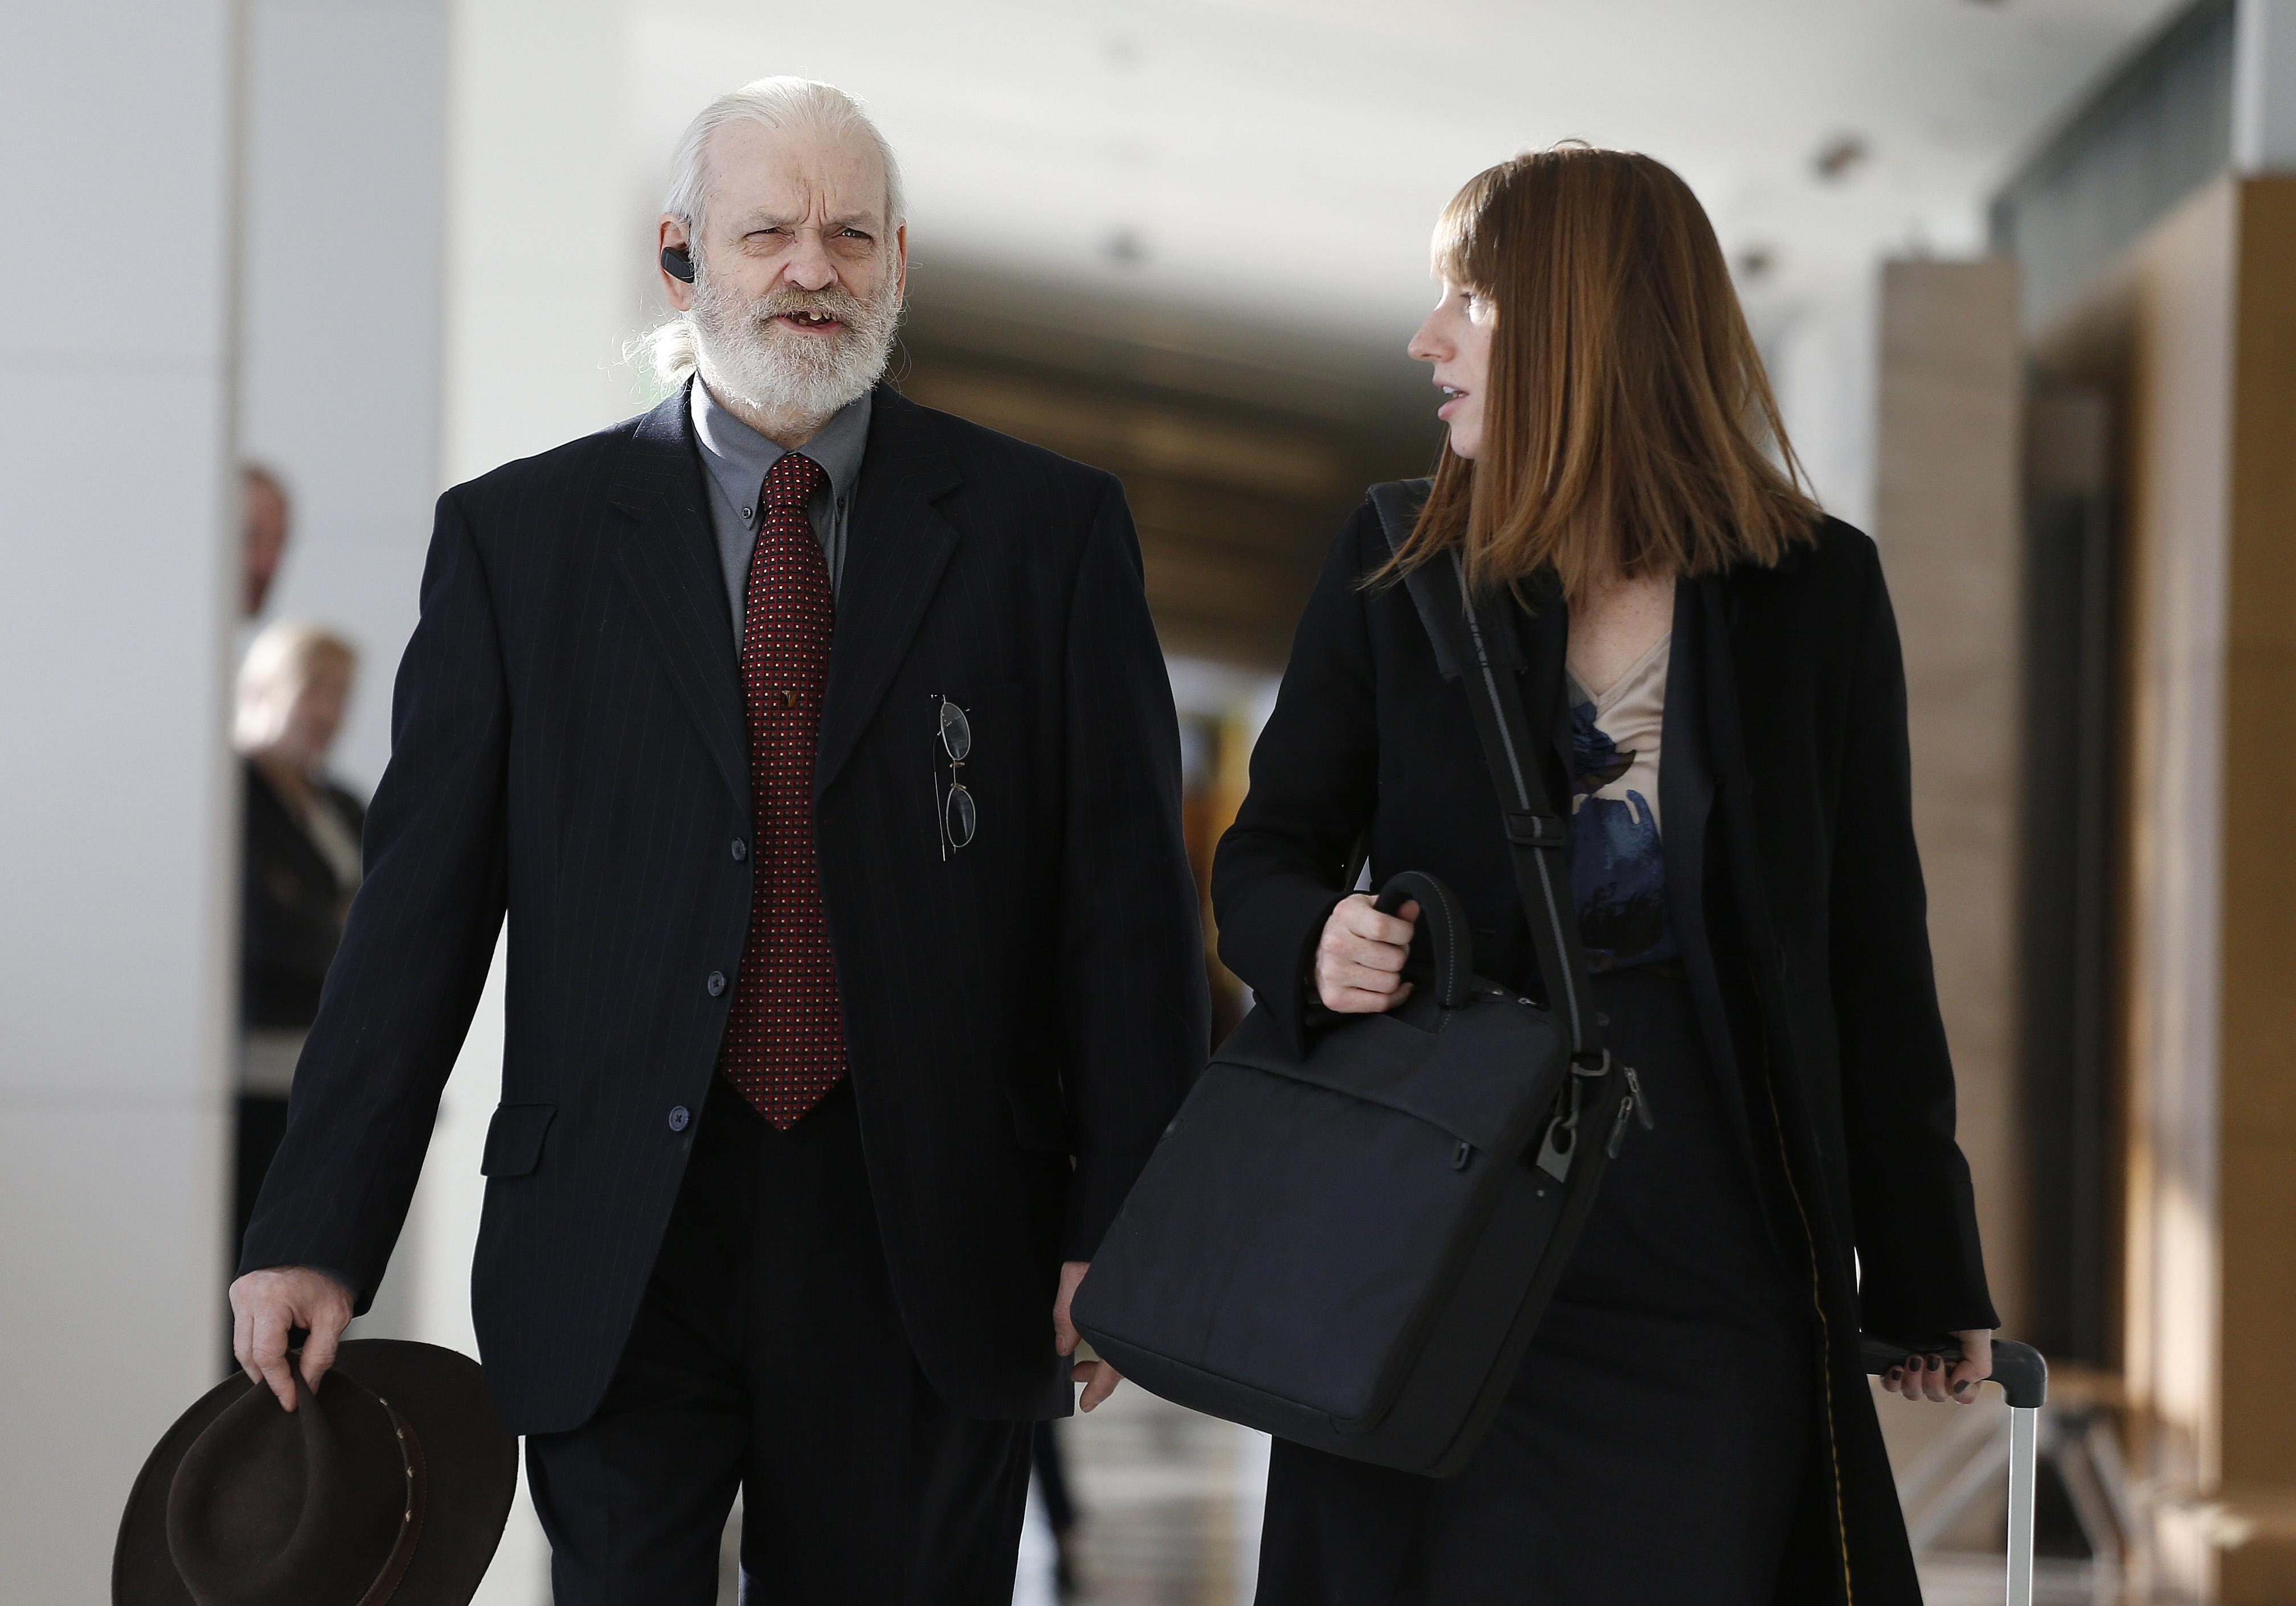 In this Nov. 15, 2013 file photo, Wayne Sperling, left, arrives at court with his public defender at the Denver Justice Center, in Denver.